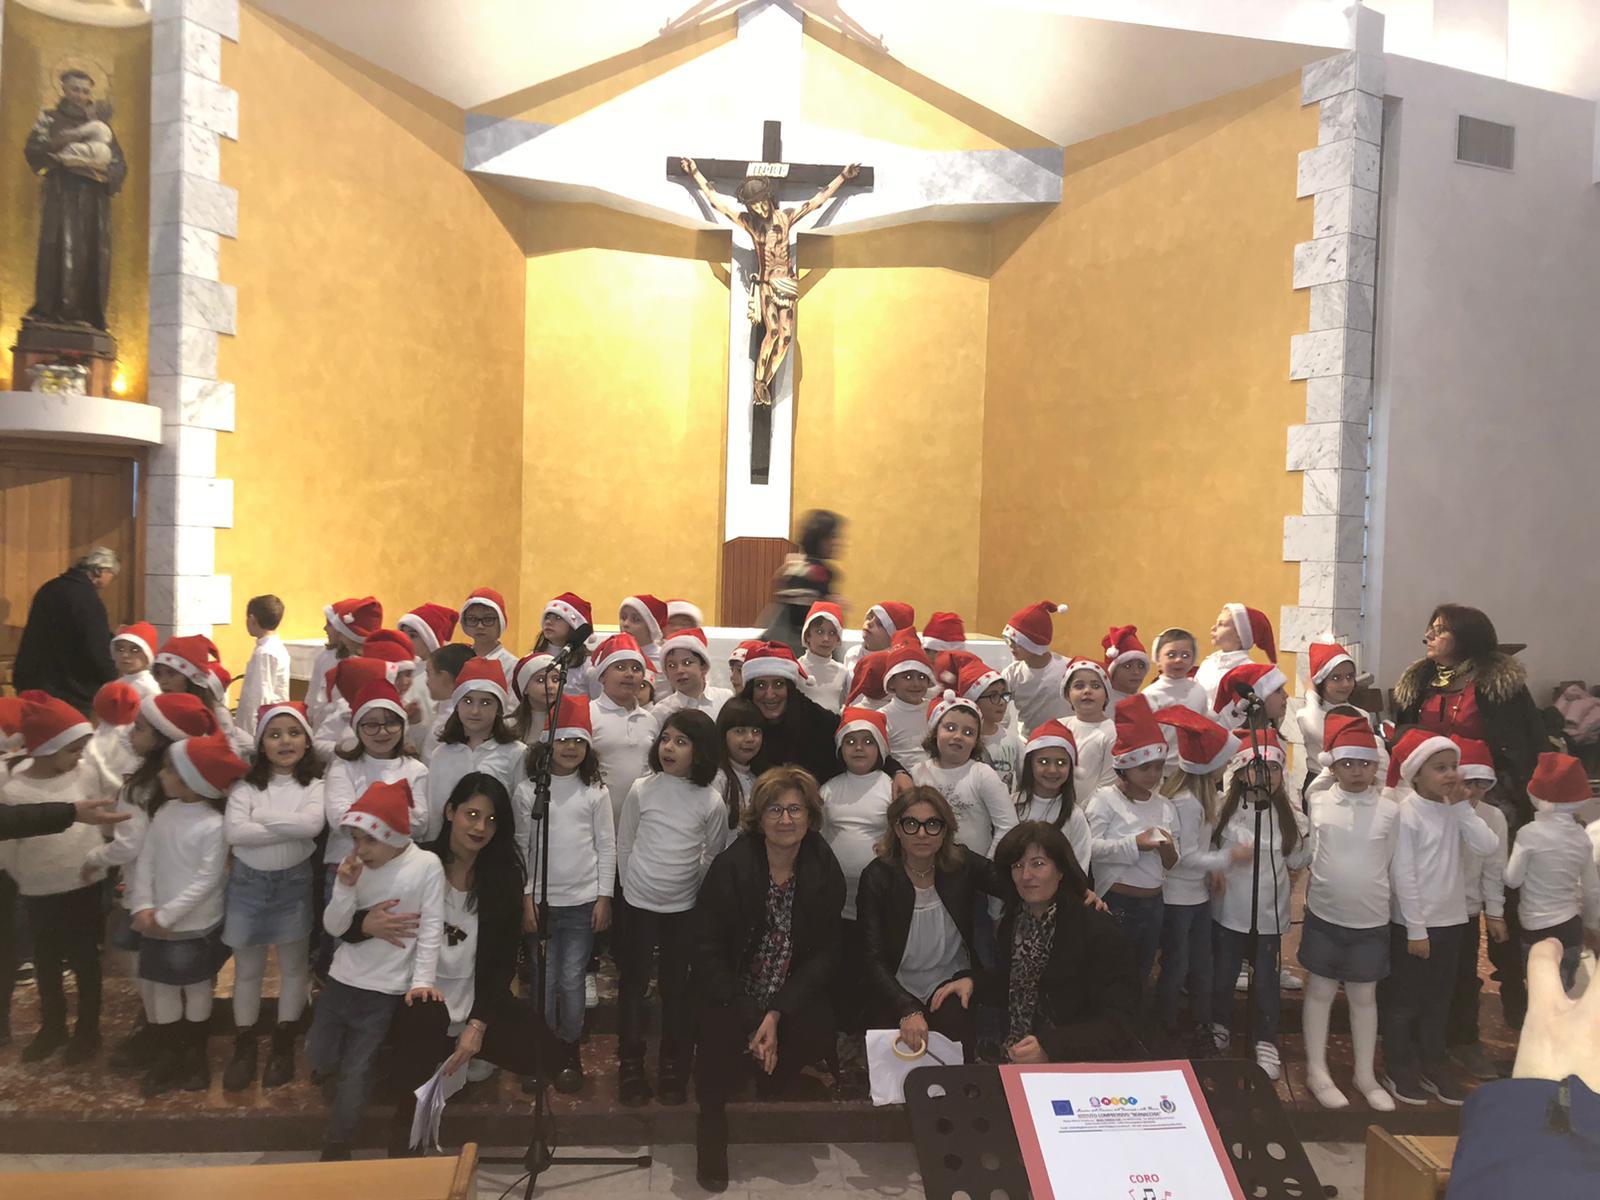 Si è tenuto presso la Chiesa di Sant'Antonio il Concerto di Natale delle classi prime della Scuola Primaria Principe di Piemonte. Attraverso canti e piccole poesie gli alunni hanno voluto augurare a tutti i presenti un Sereno Natale.